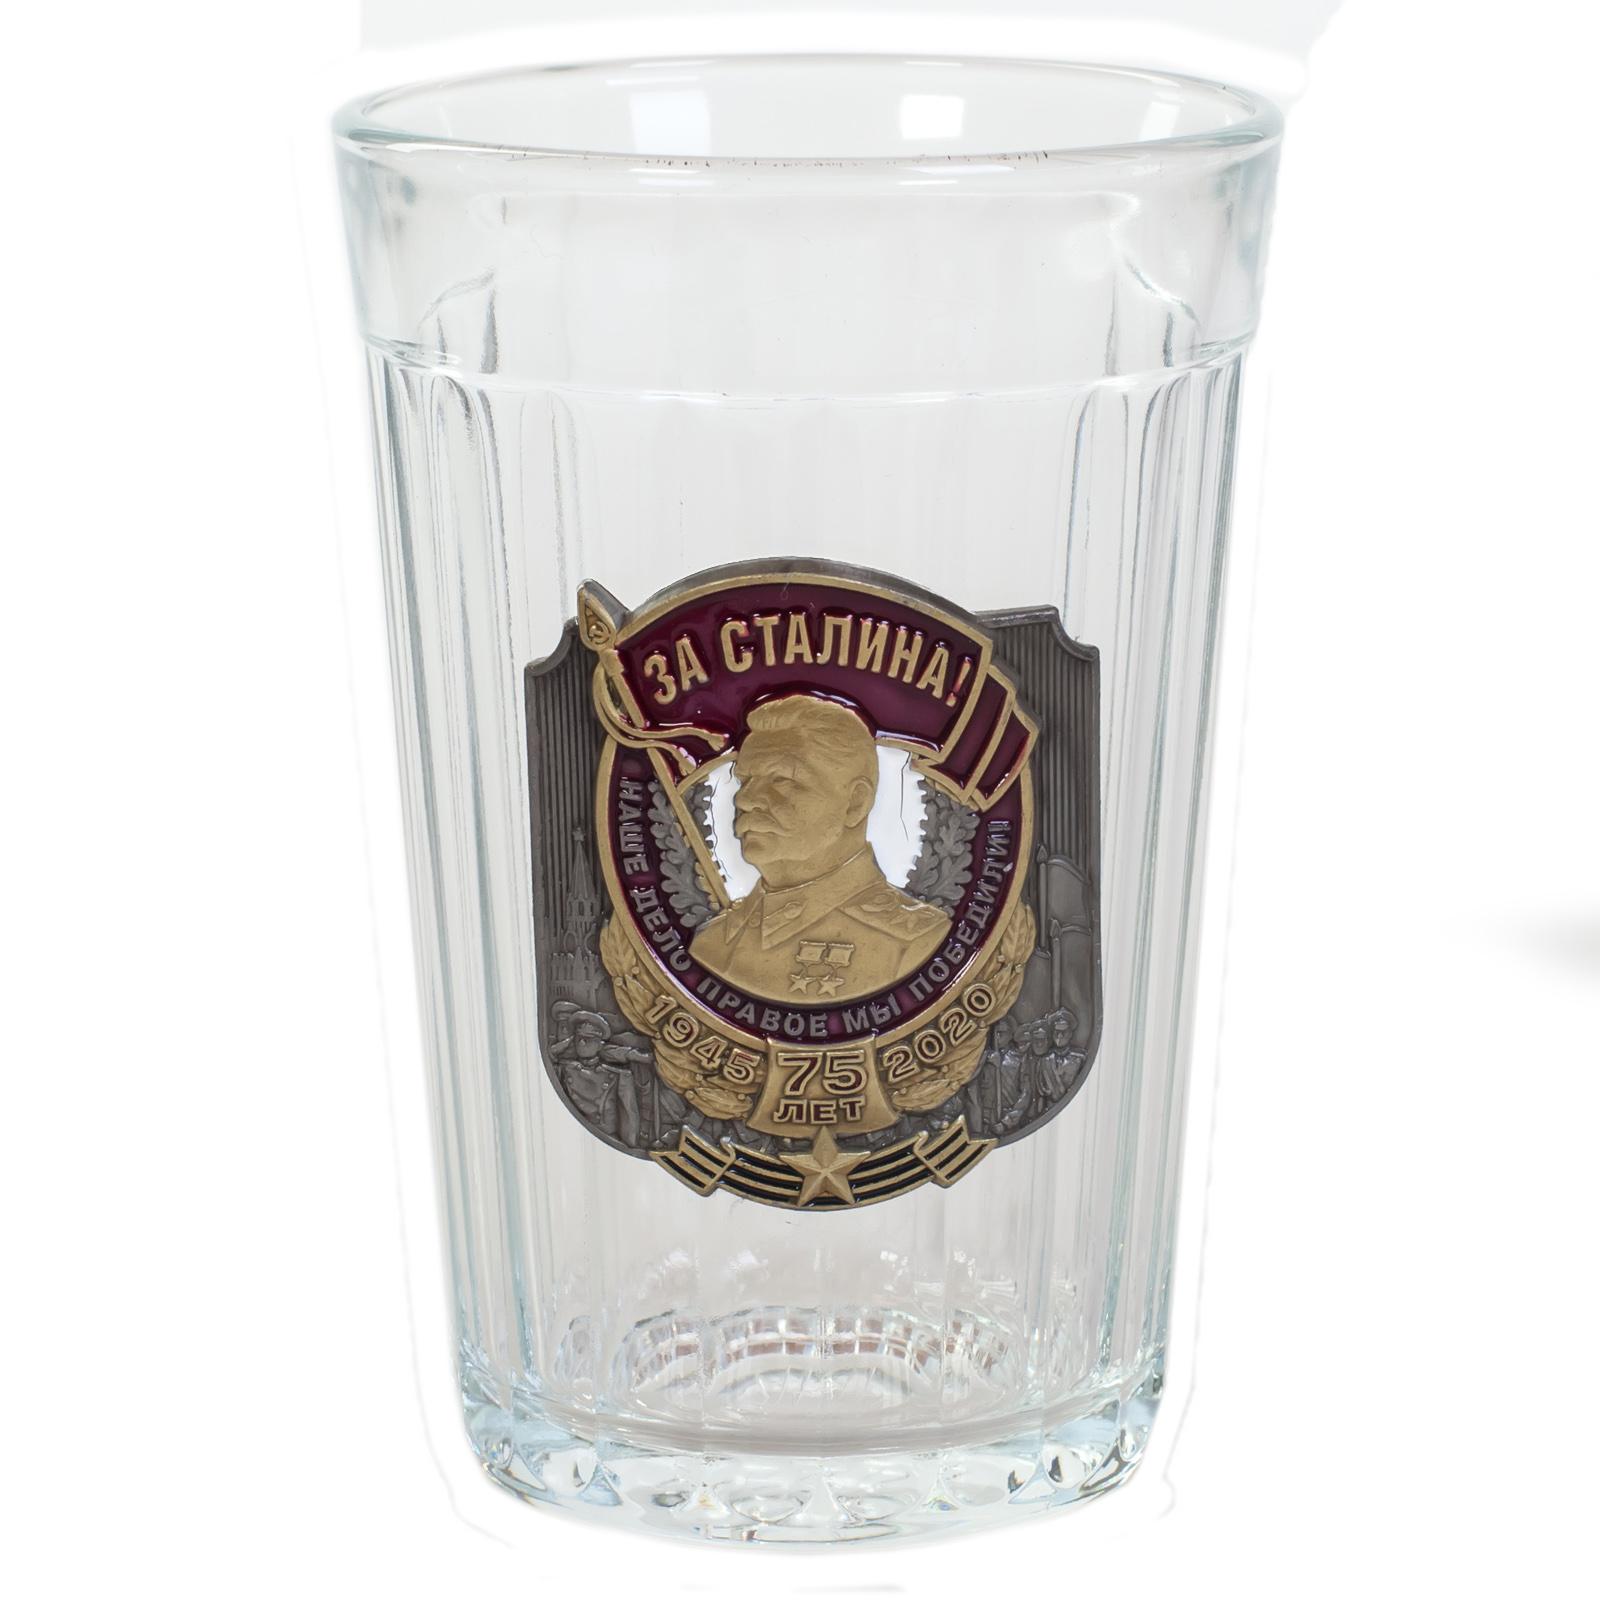 Купить граненый стакан За Сталина! оптом или в розницу